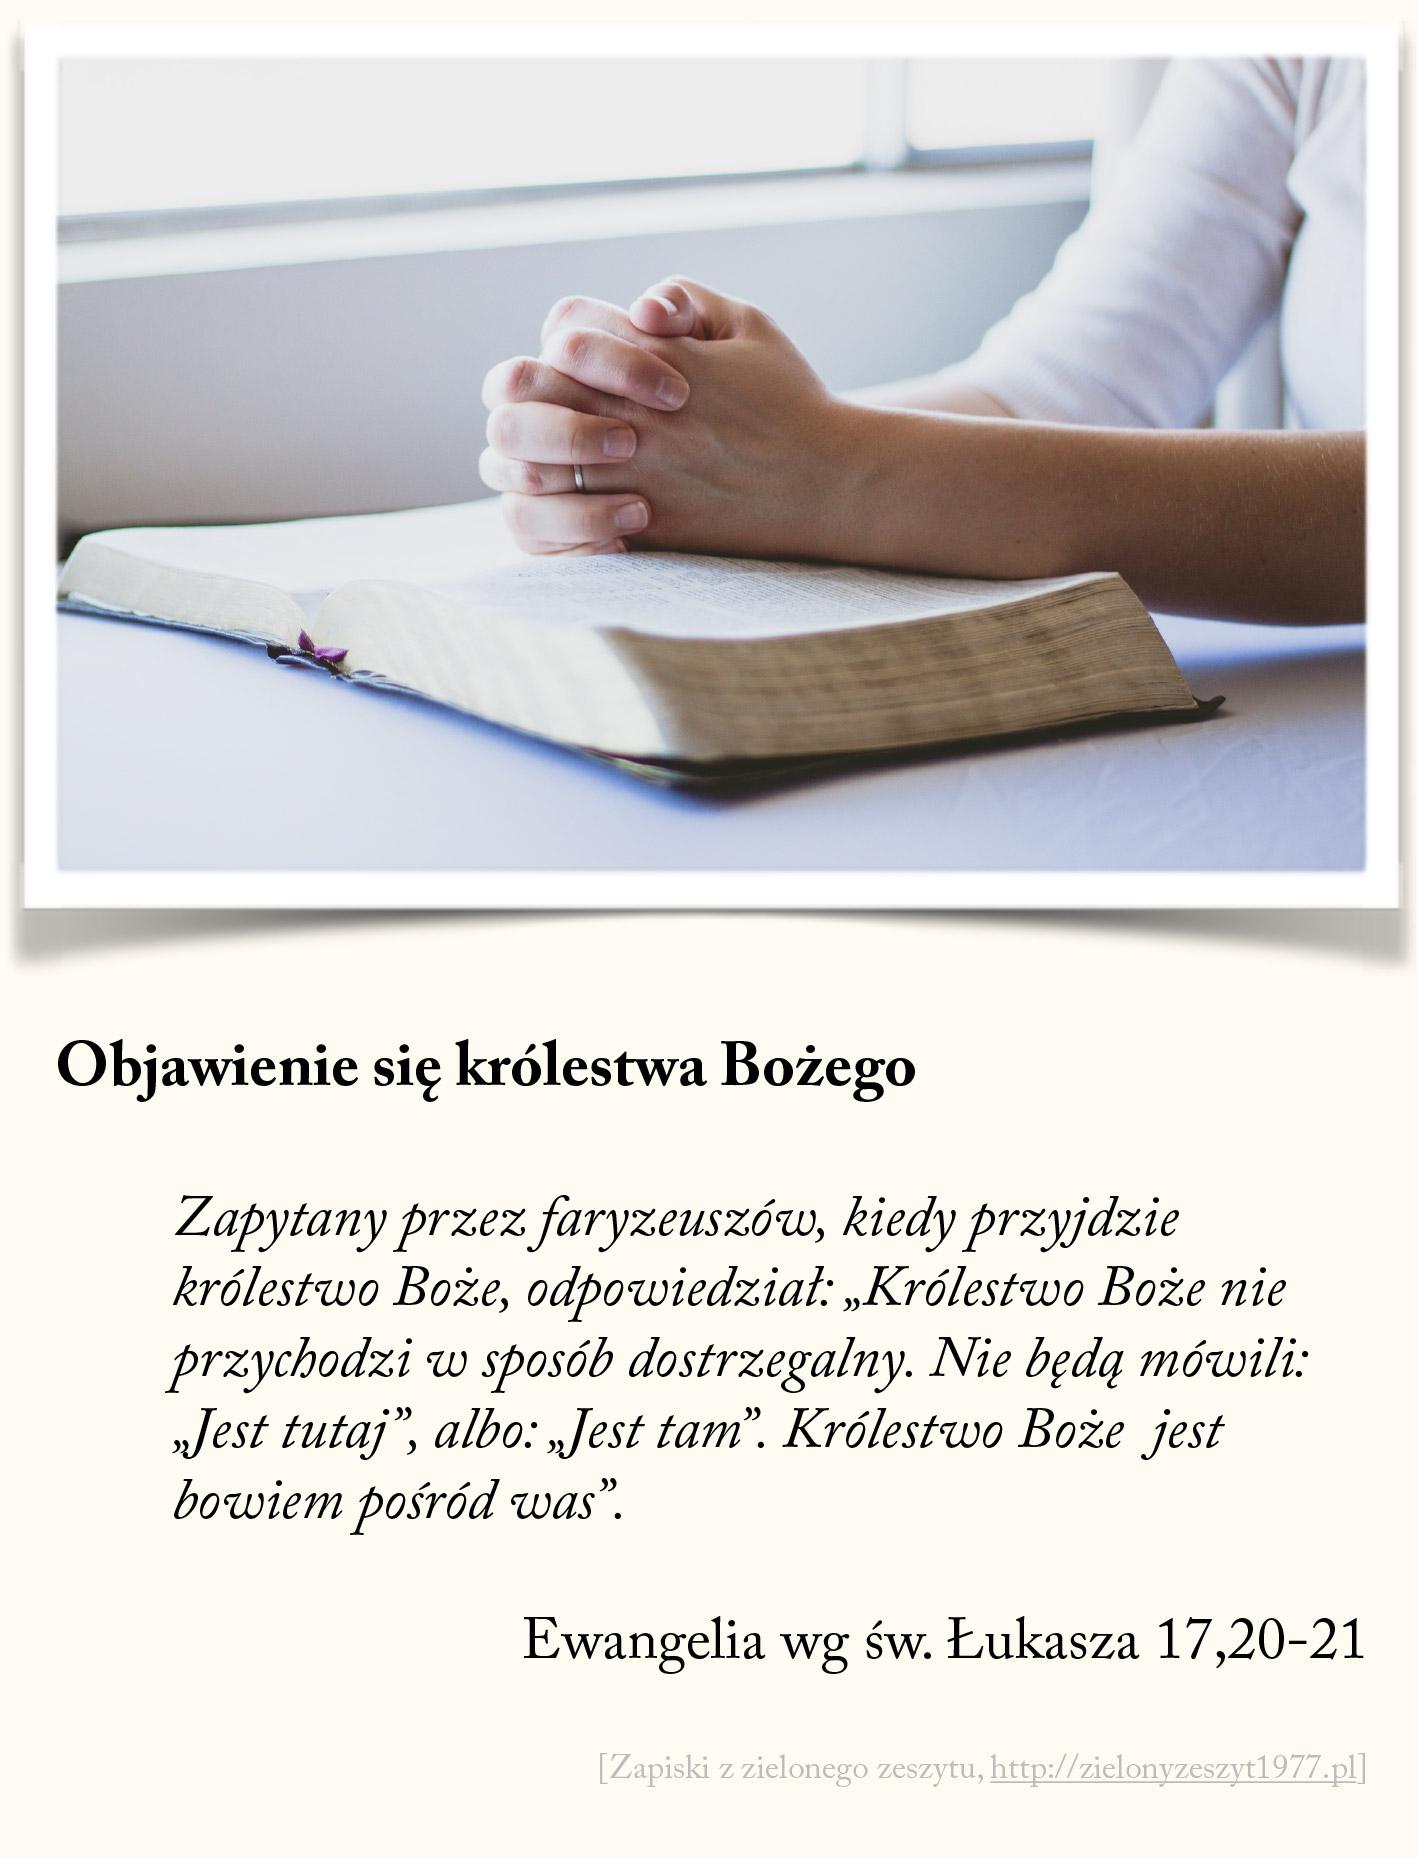 Objawienie się królestwa Bożego, Ewangelia wg św. Łukasza